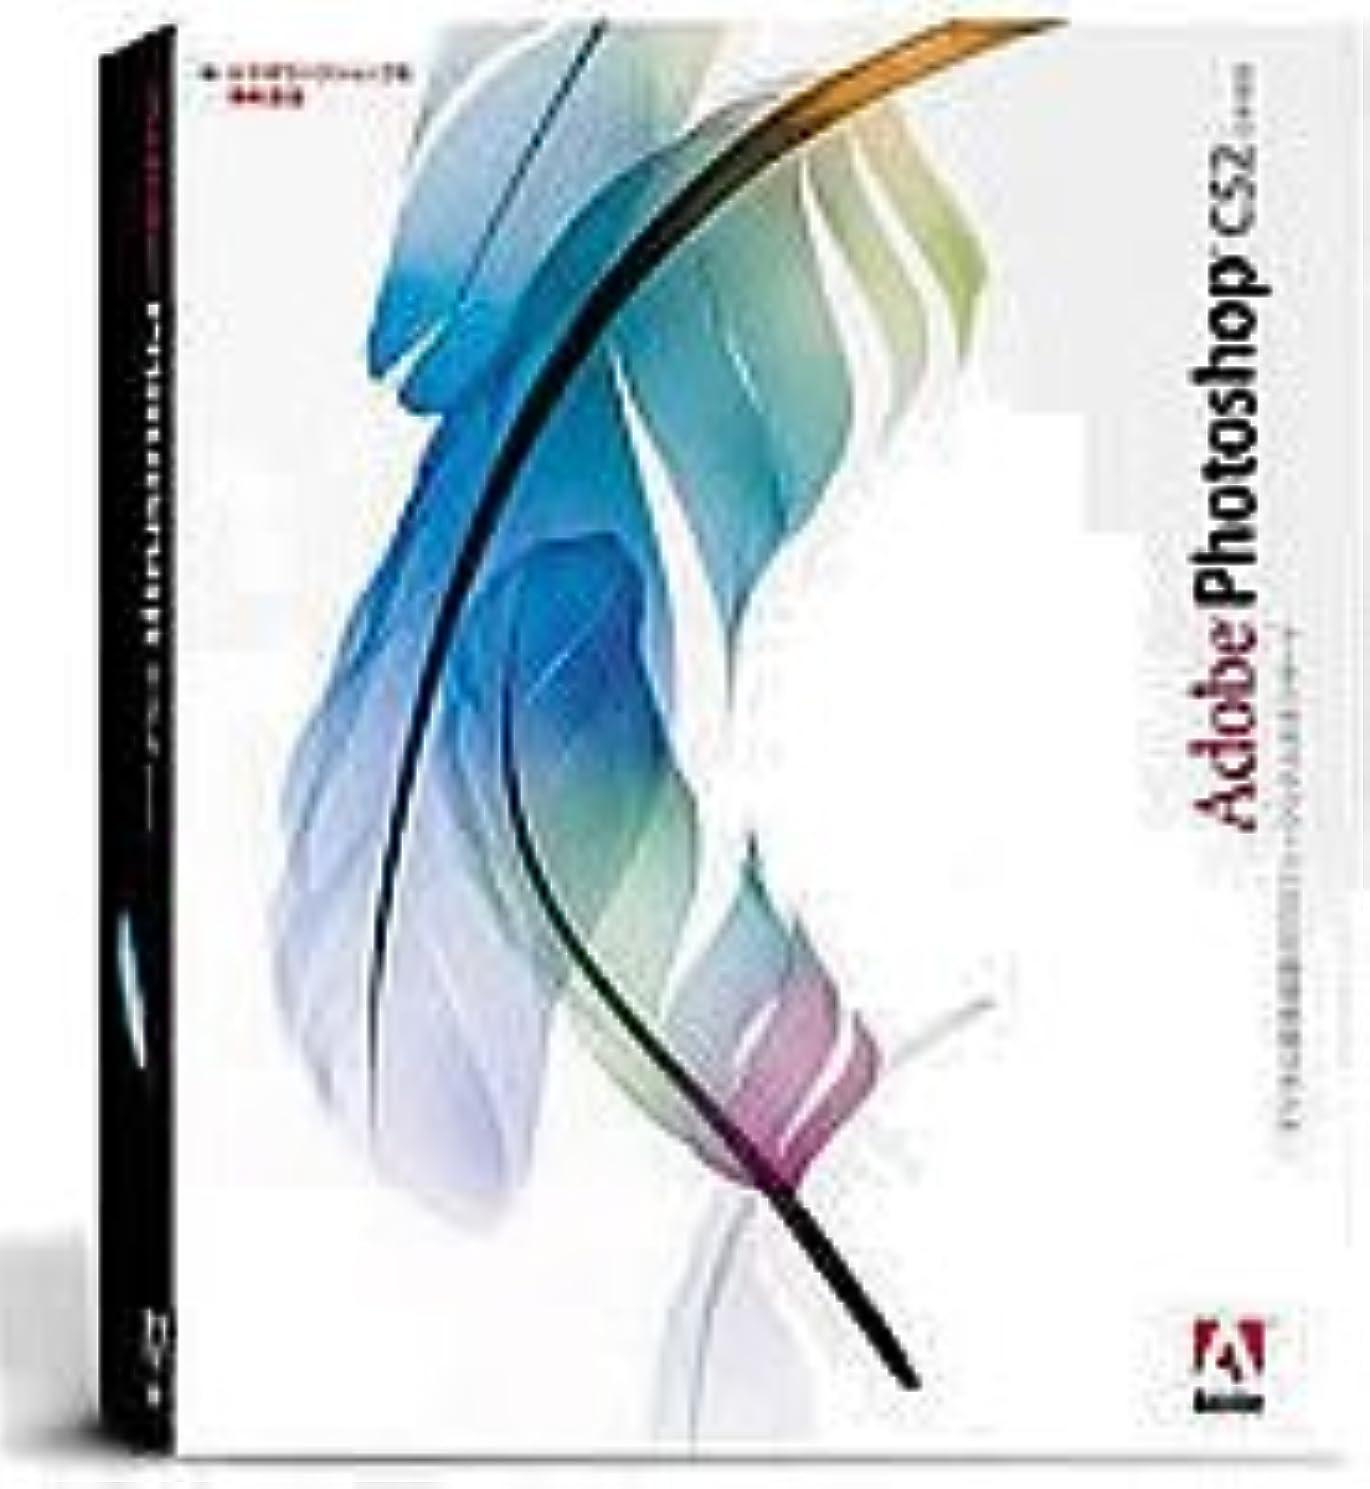 順応性一族ブルゴーニュAdobe Photoshop CS2 日本語版 Windows版 (旧製品)